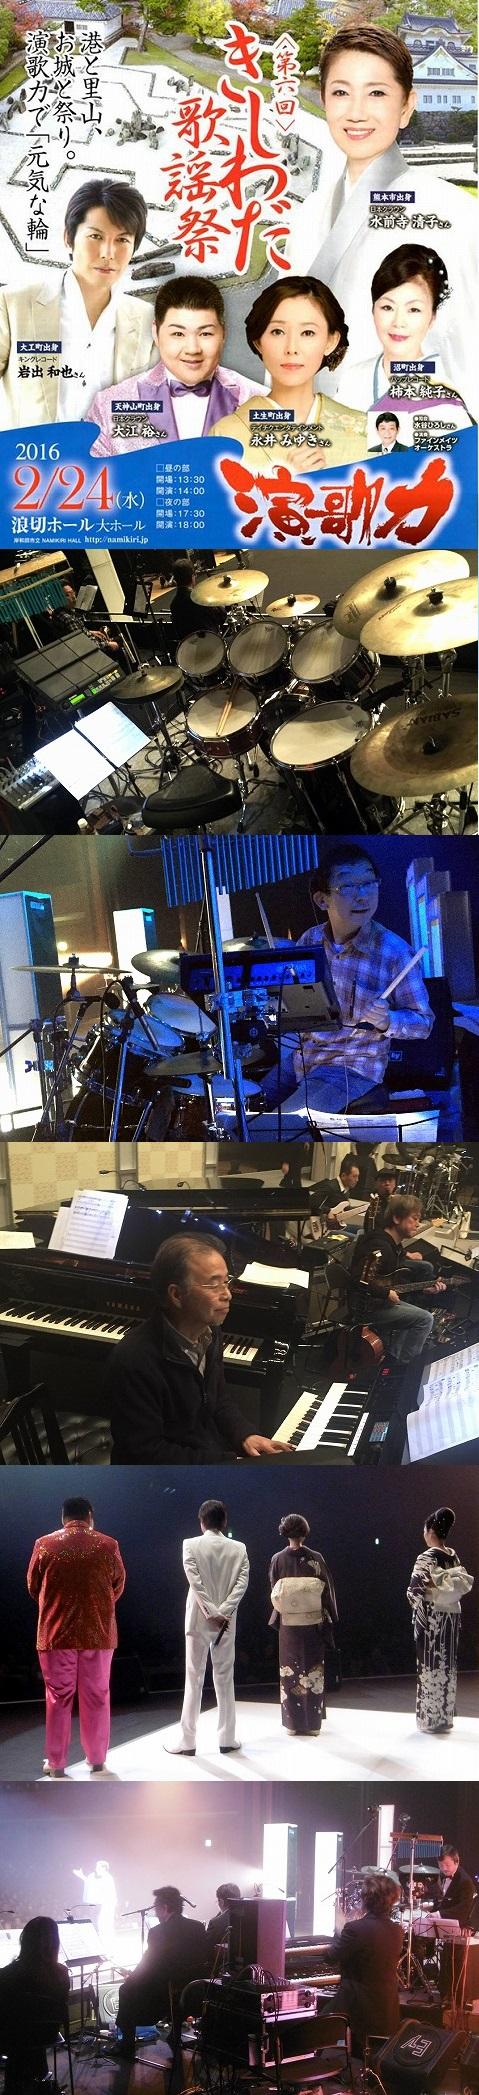 20160224きしわだ歌謡祭